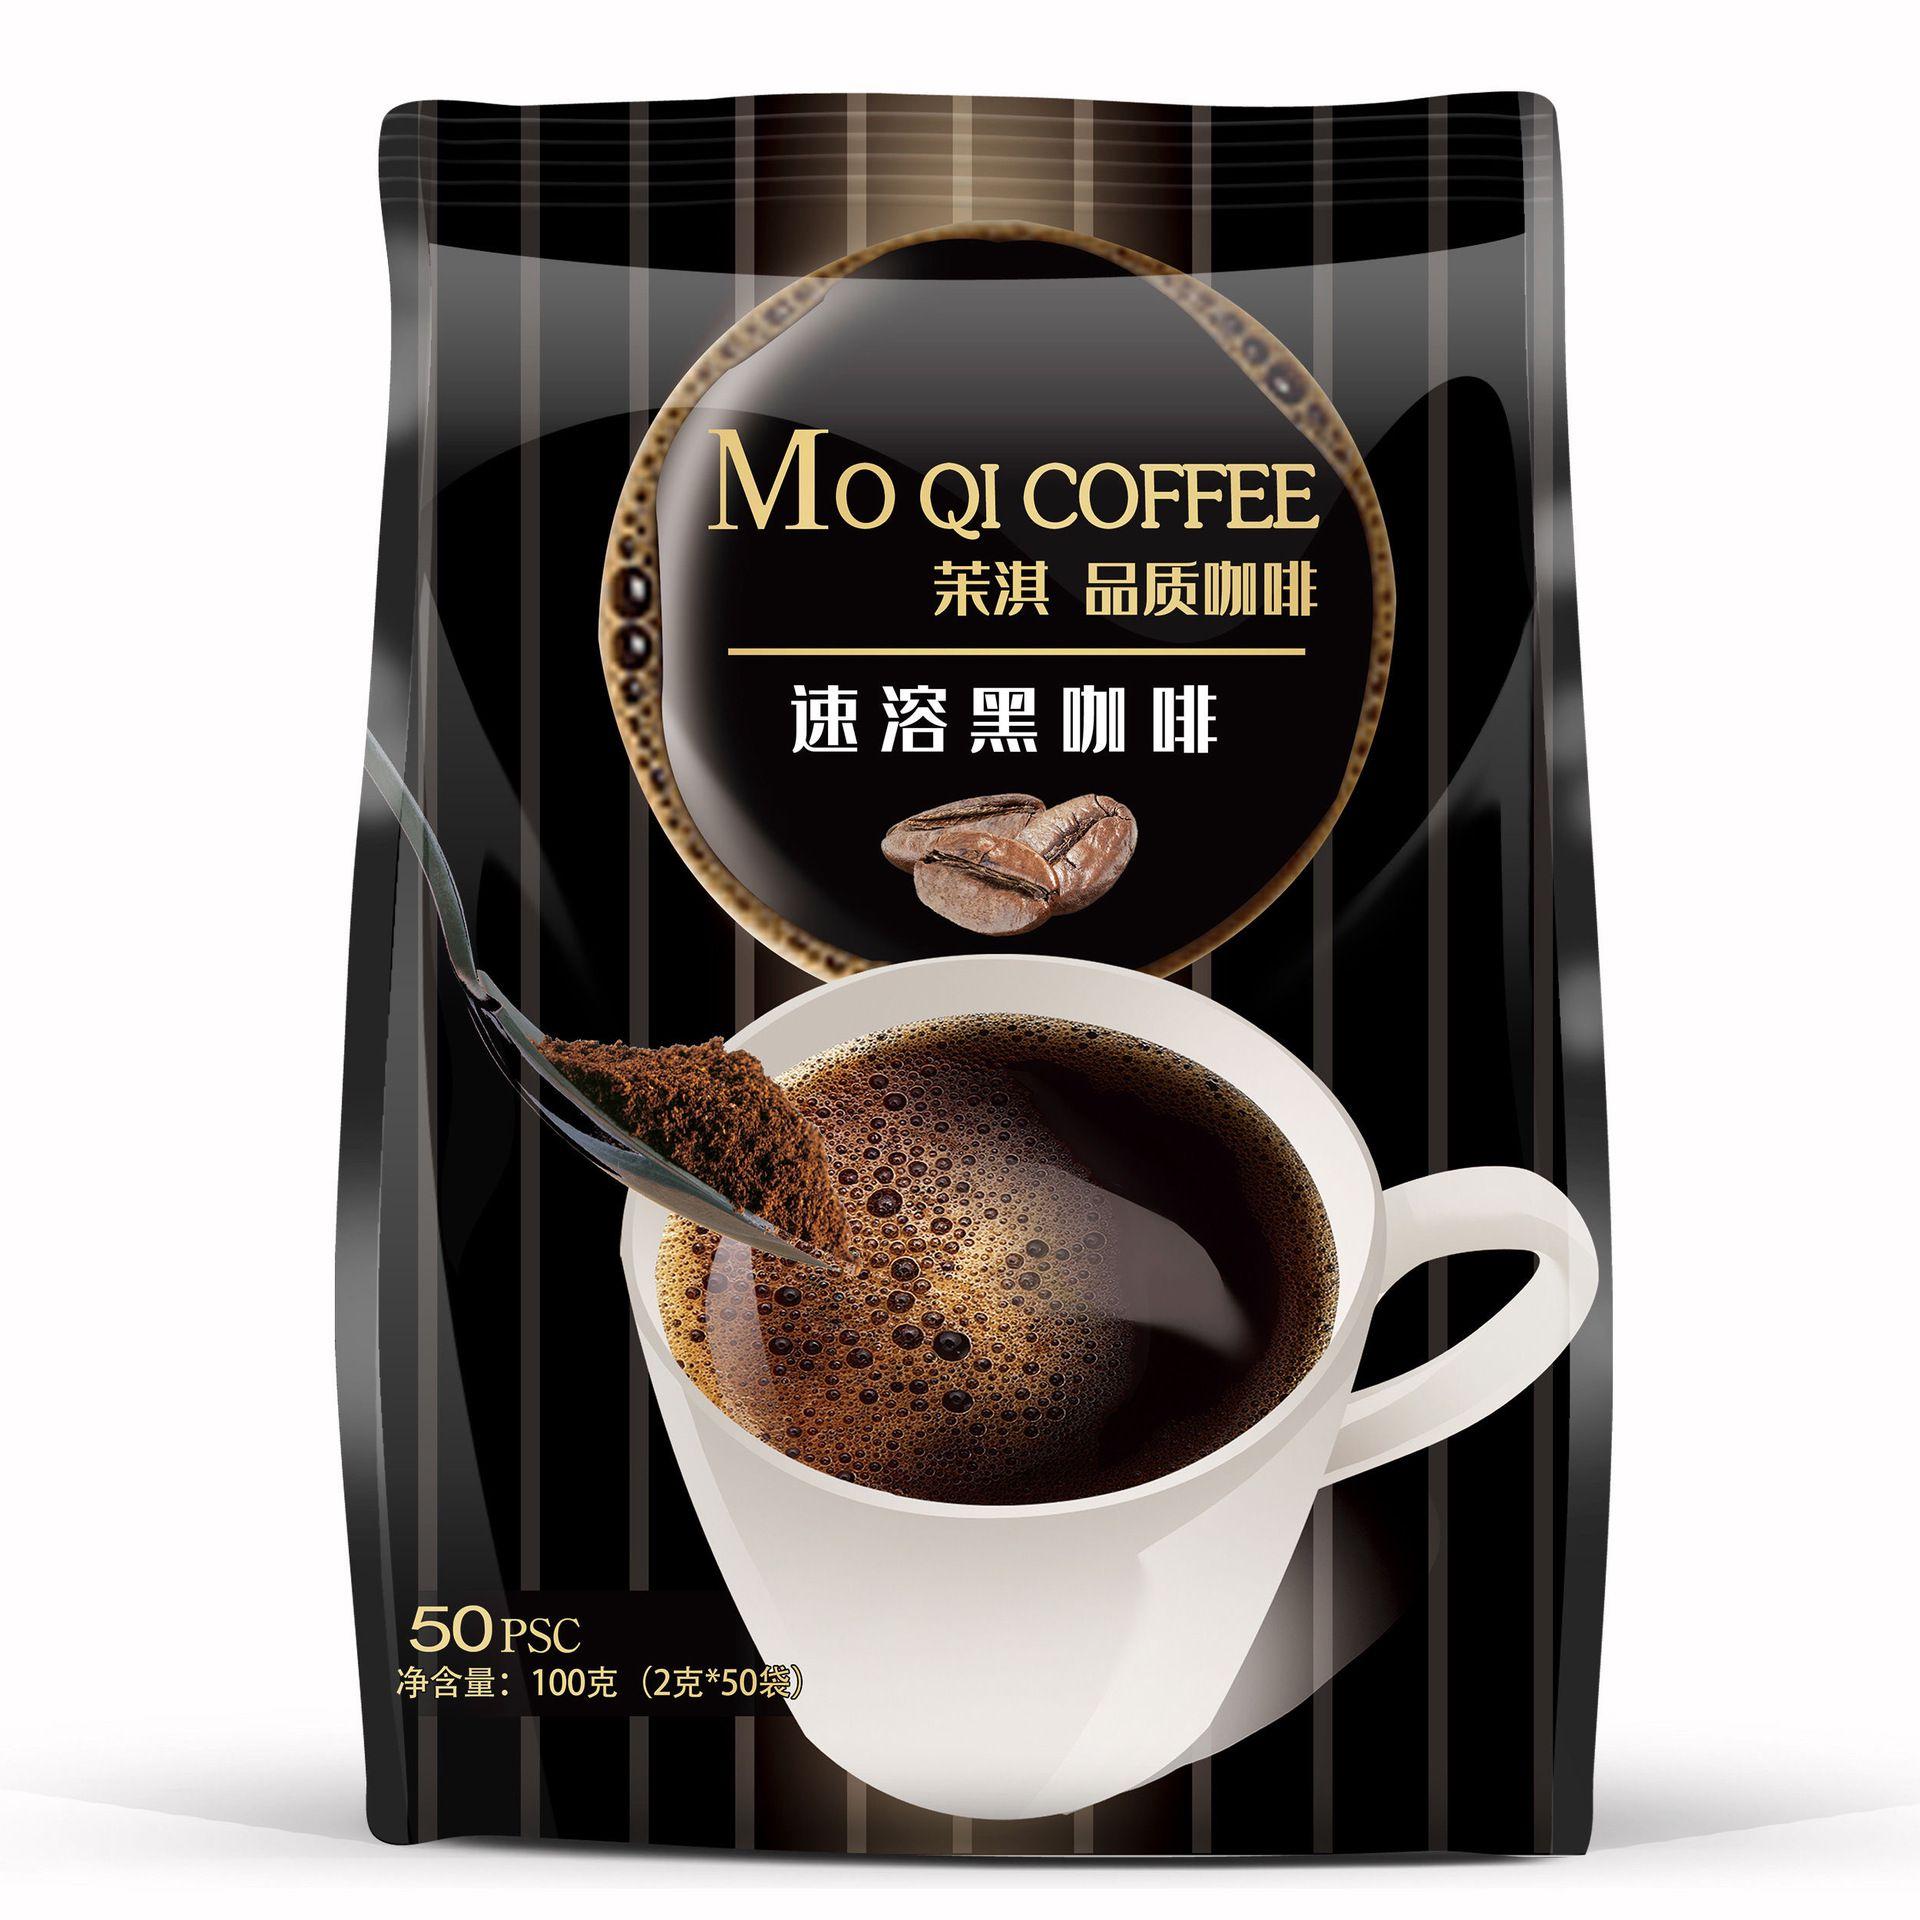 黑咖啡美式纯咖啡50条咖啡无添加糖韩国进口中深度烘焙黑咖啡